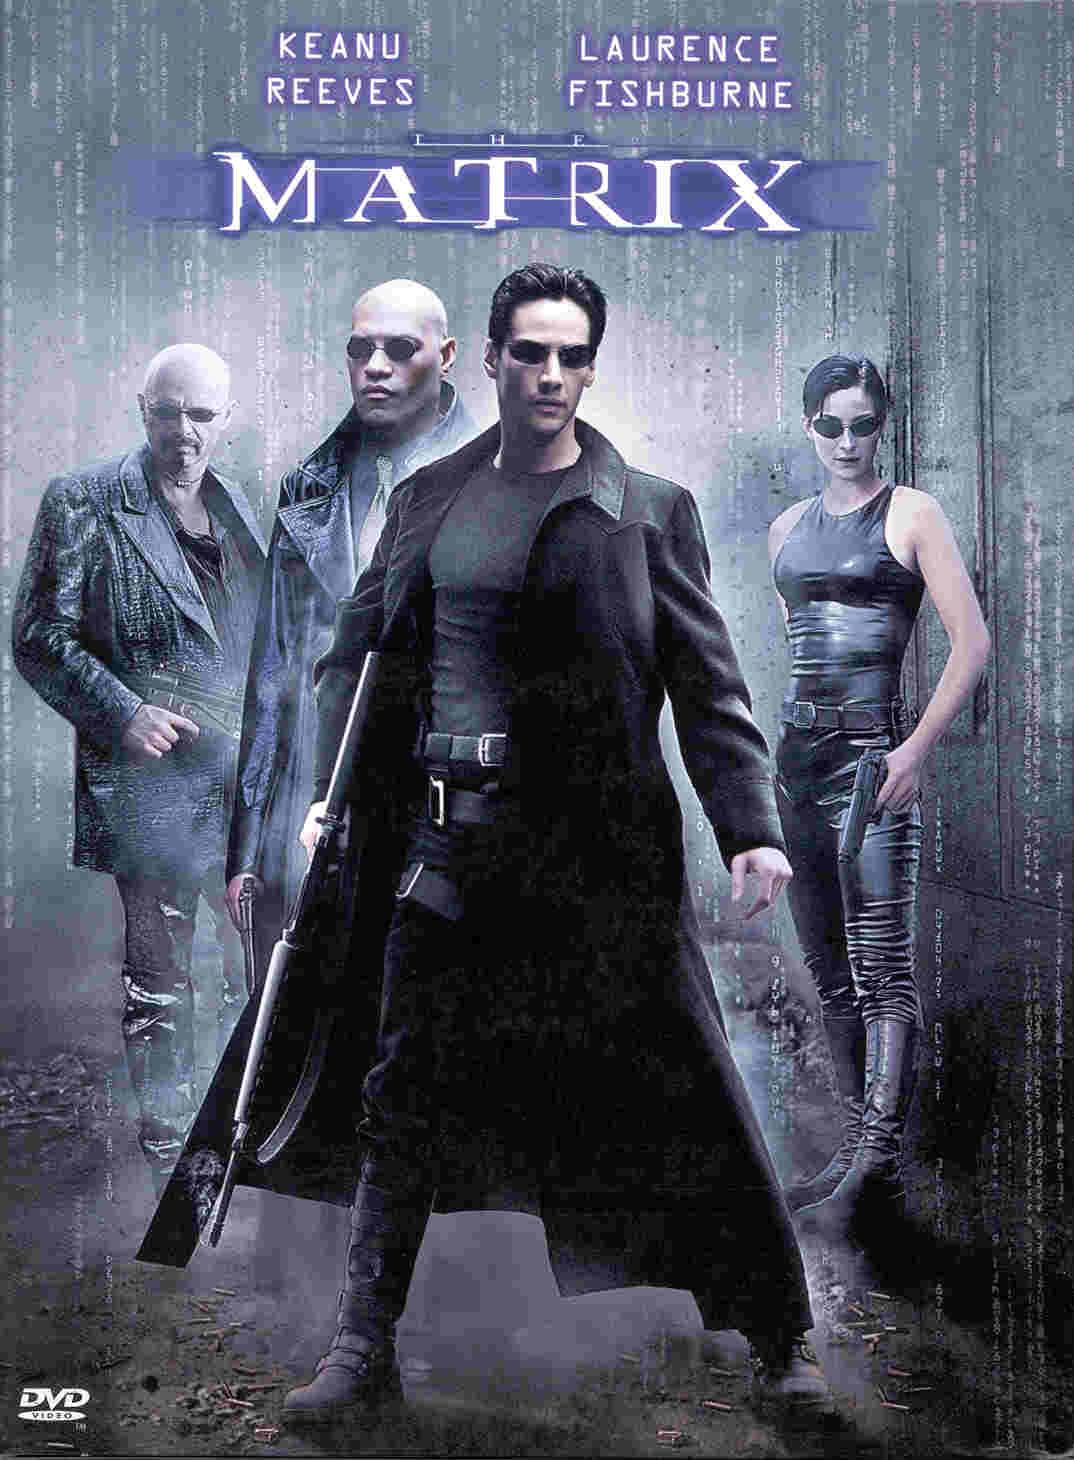 favourites matrix donnie darko star trek movies nemesis